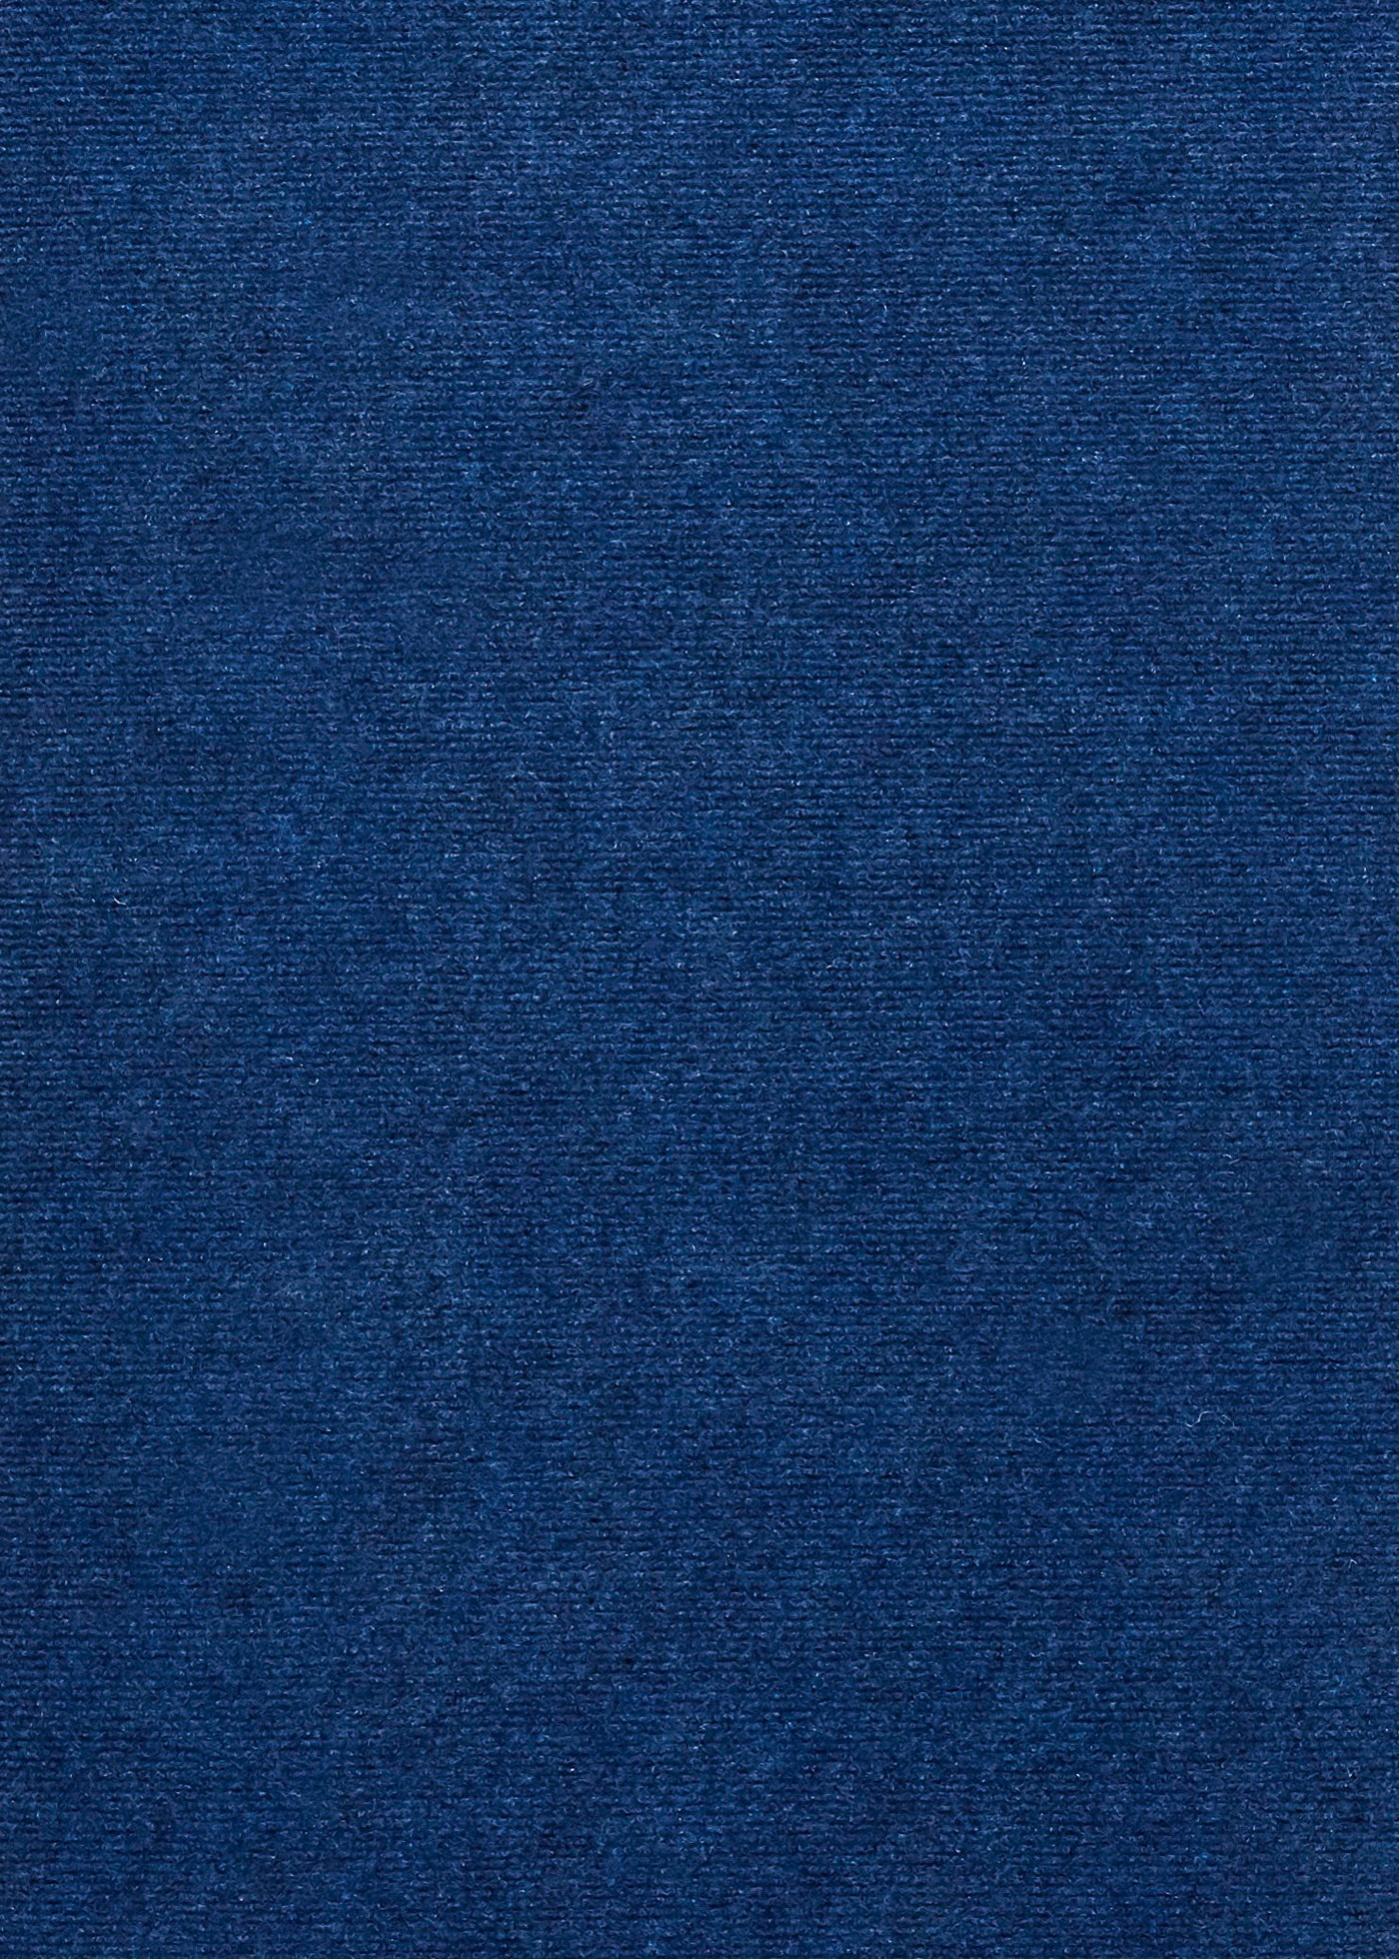 Teppichboden in Fixmaßen mit Rippenstruktur in blau von bonprix